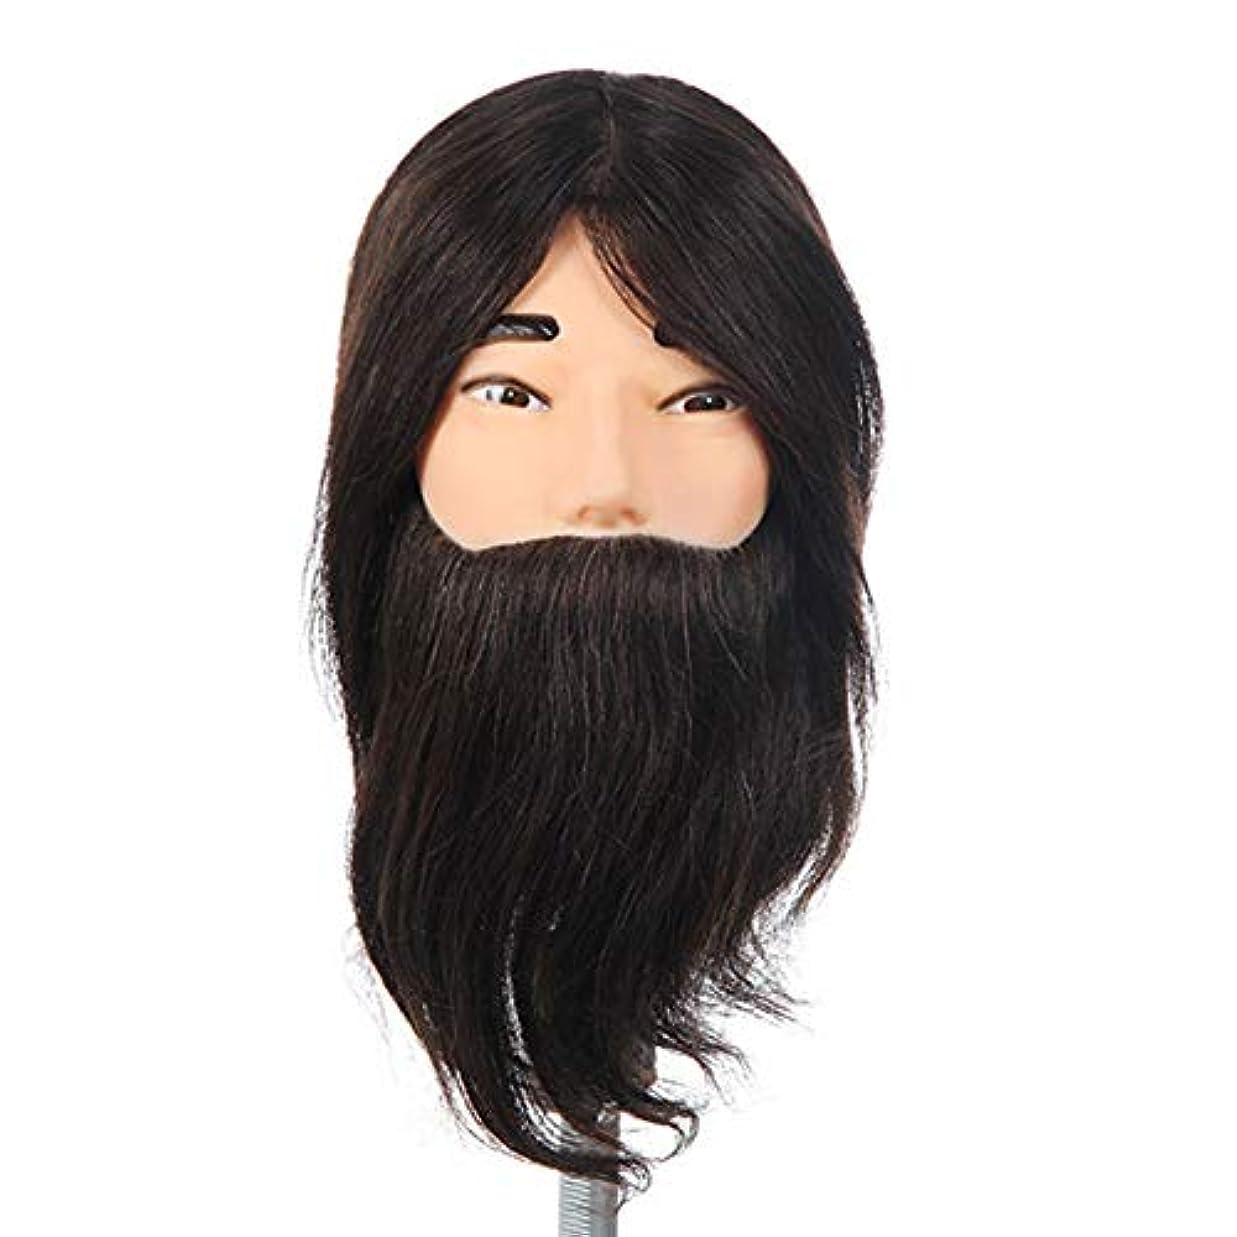 トーナメントネスト繰り返しリアルヘア練習ヘッドモデルヘアサロントリミングパーマ染毛剤学習ダミーヘッドひげを生やした男性化粧マネキンヘッド